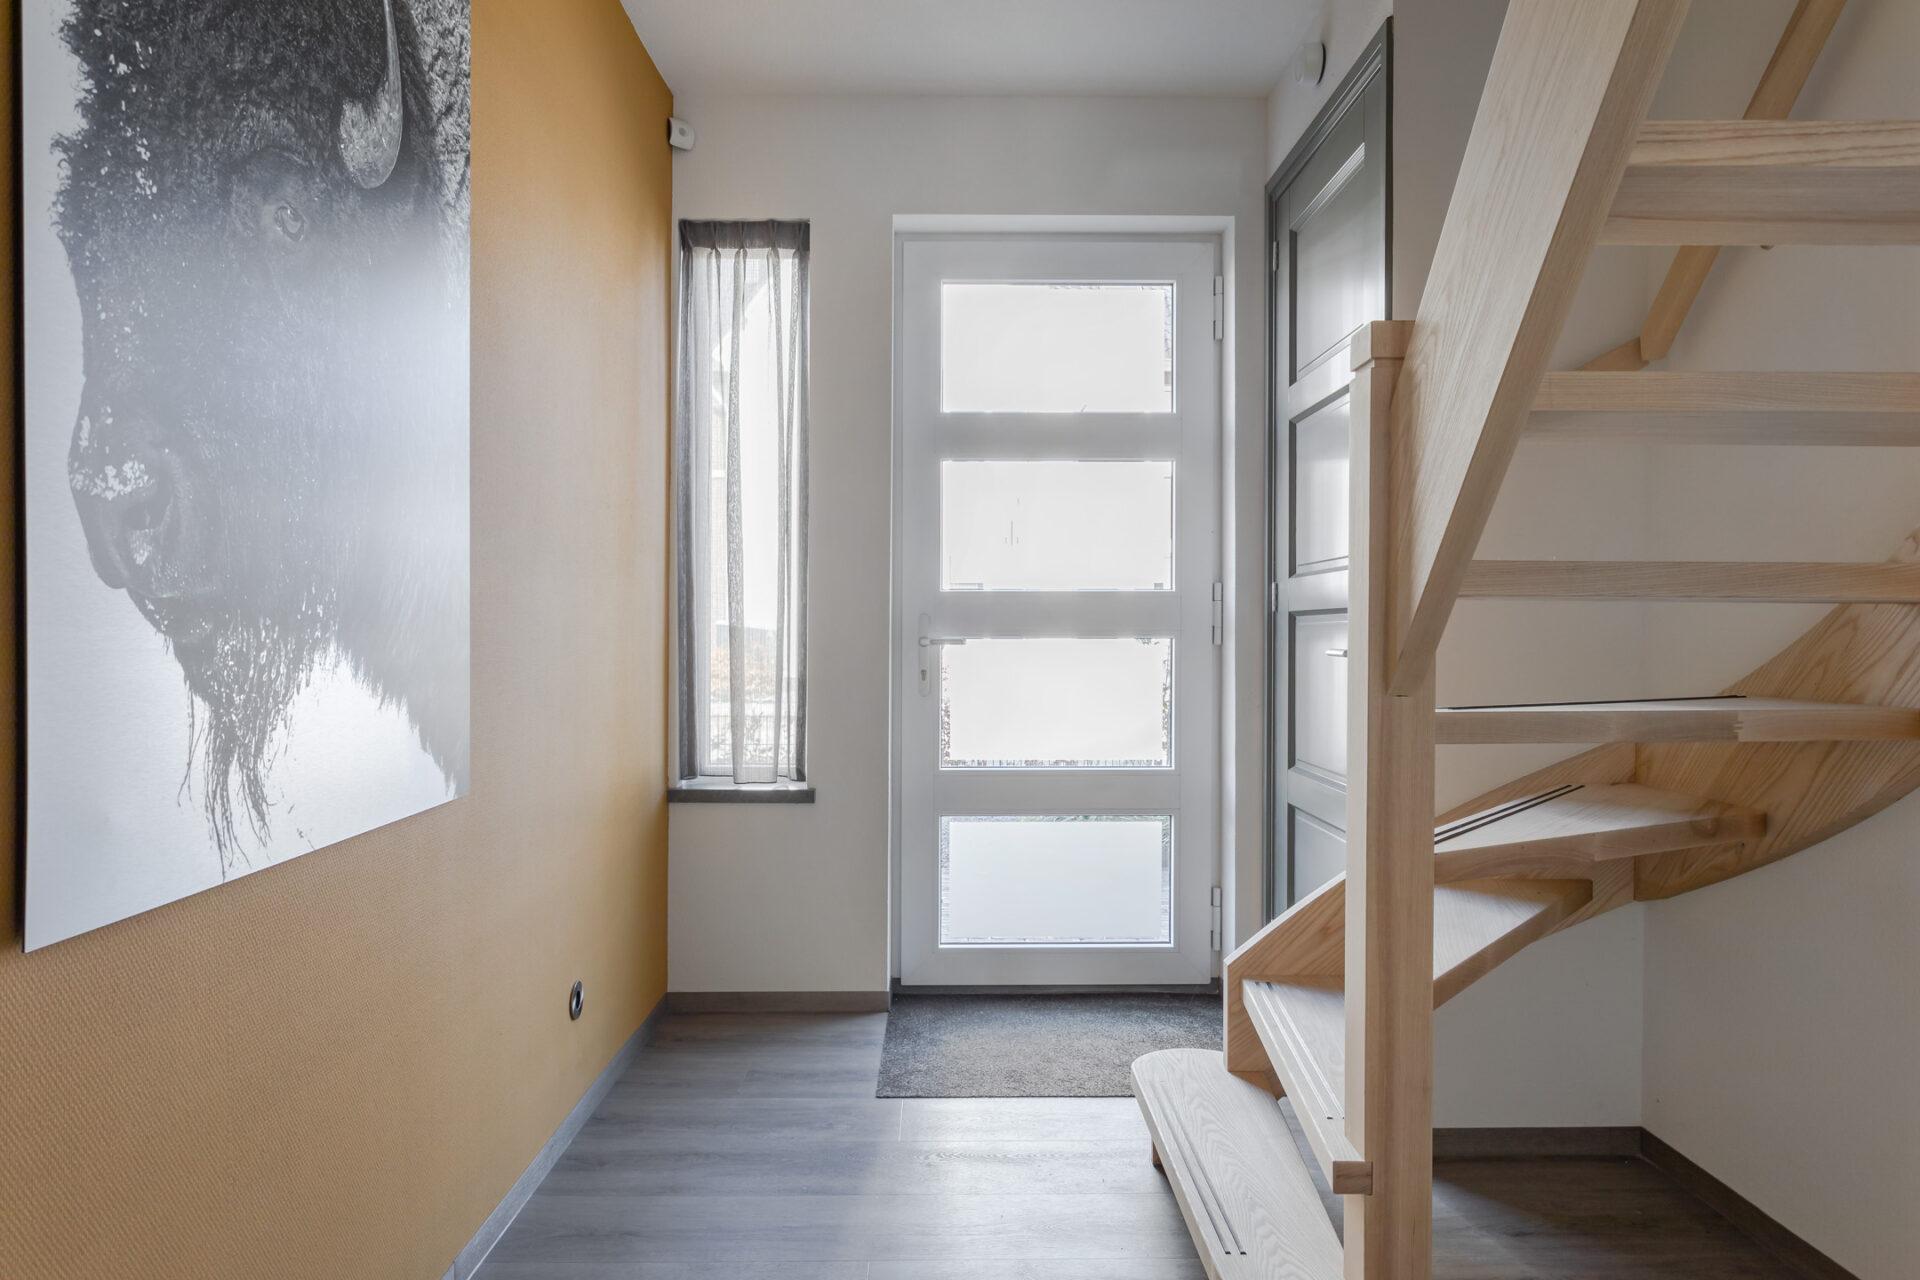 Select Windows Kunststof Kozijnen - referentie - kunststof kozijnen in Druten - hal met kunststof voordeur binnenzijde